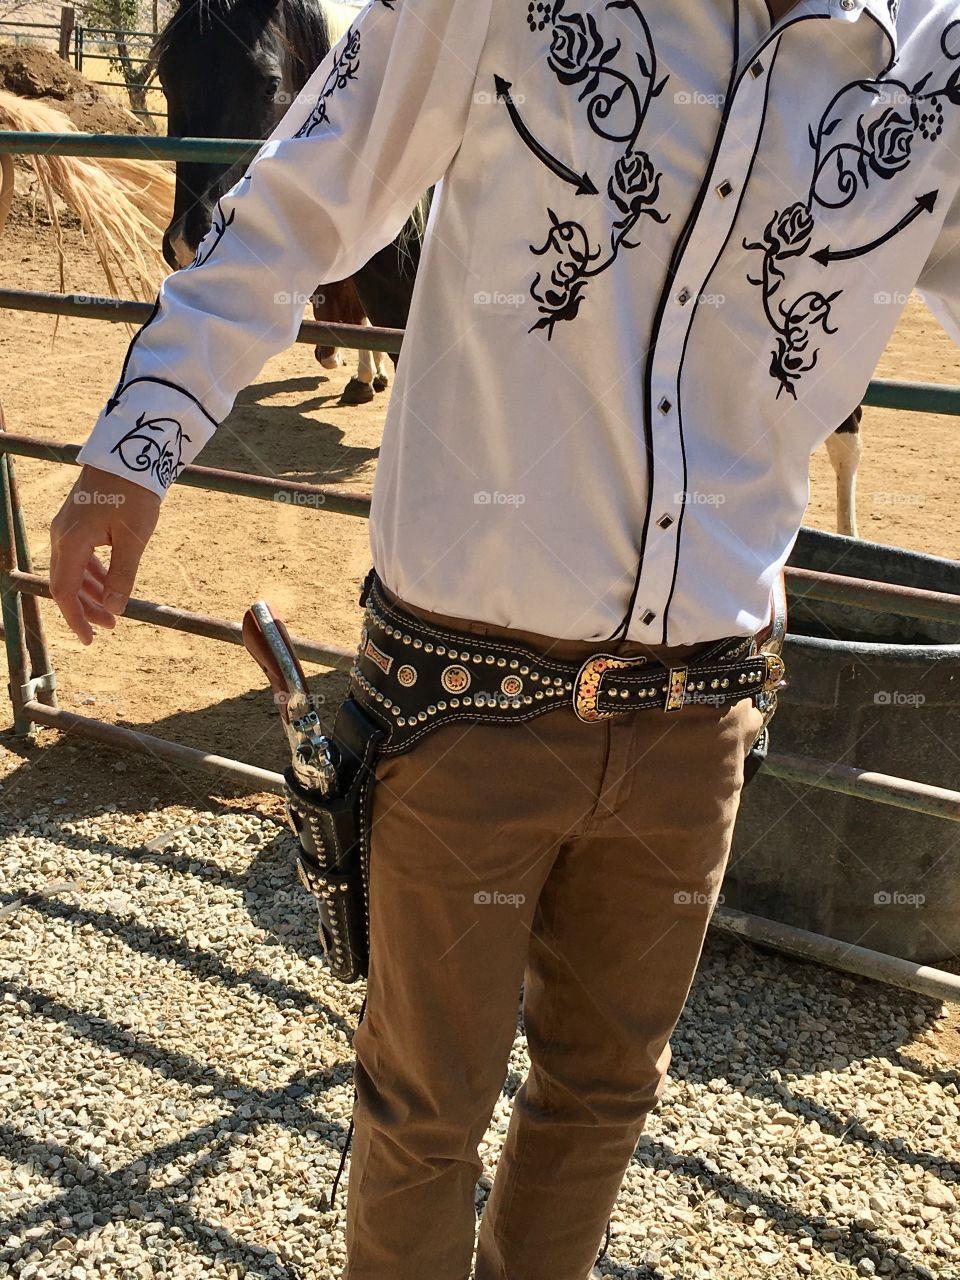 Cowboy wearing western shirt, belt and gun holsters